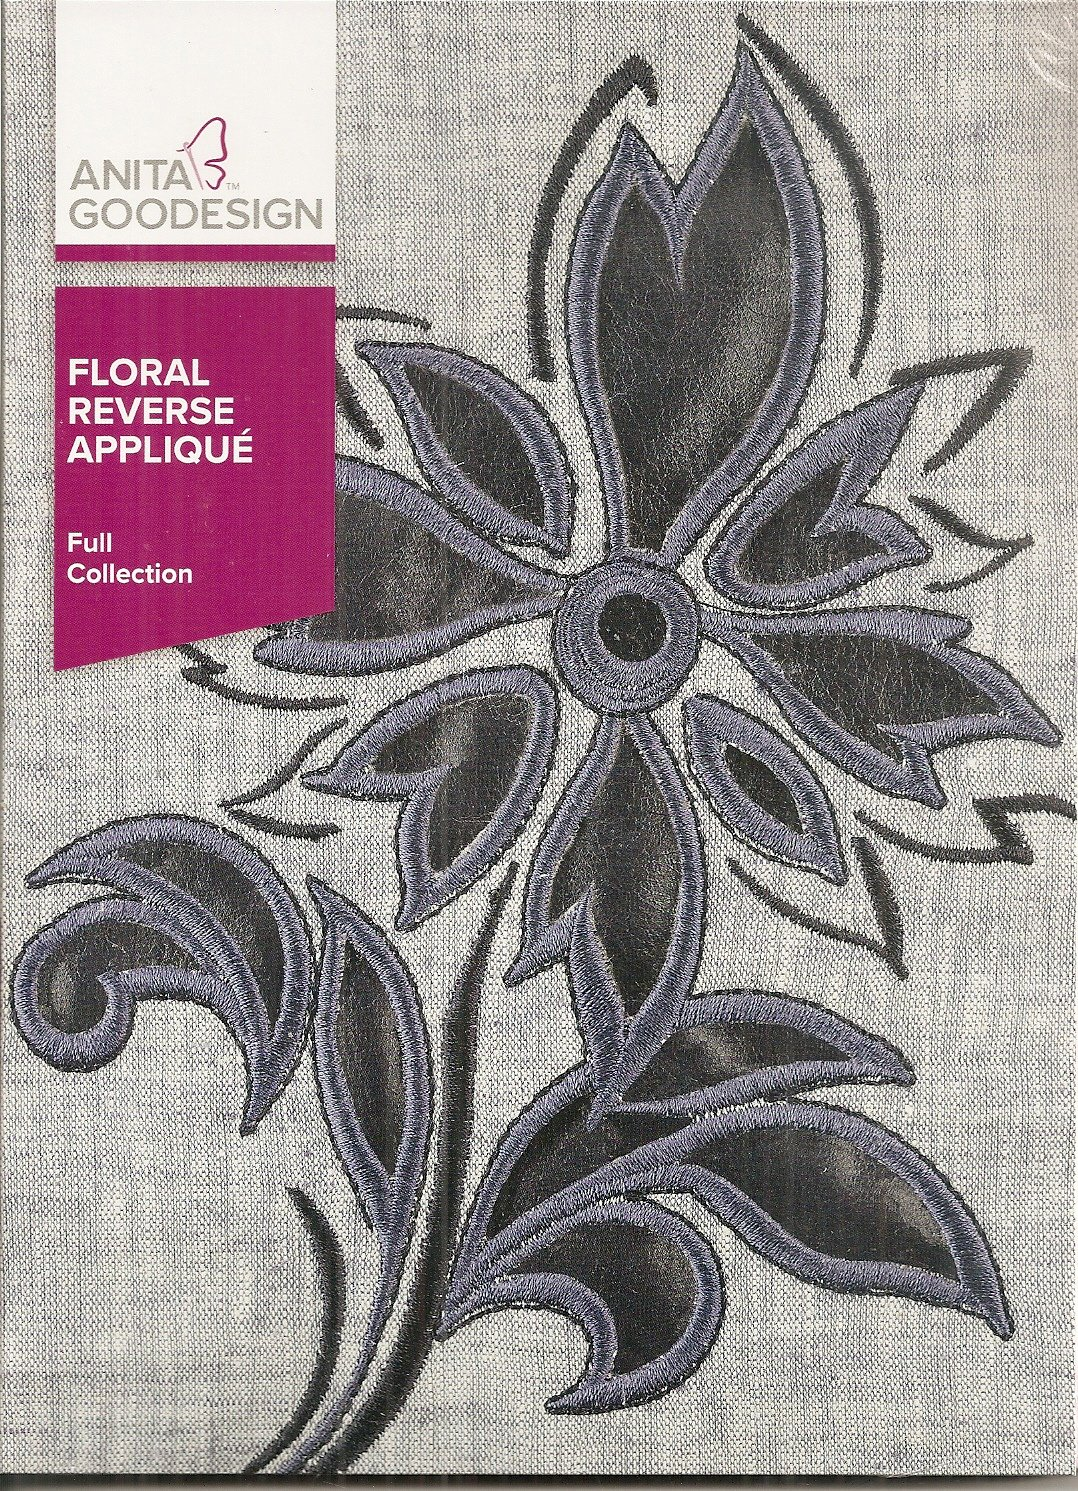 Anita Goodesign Full Collection Floral Reverse Applique